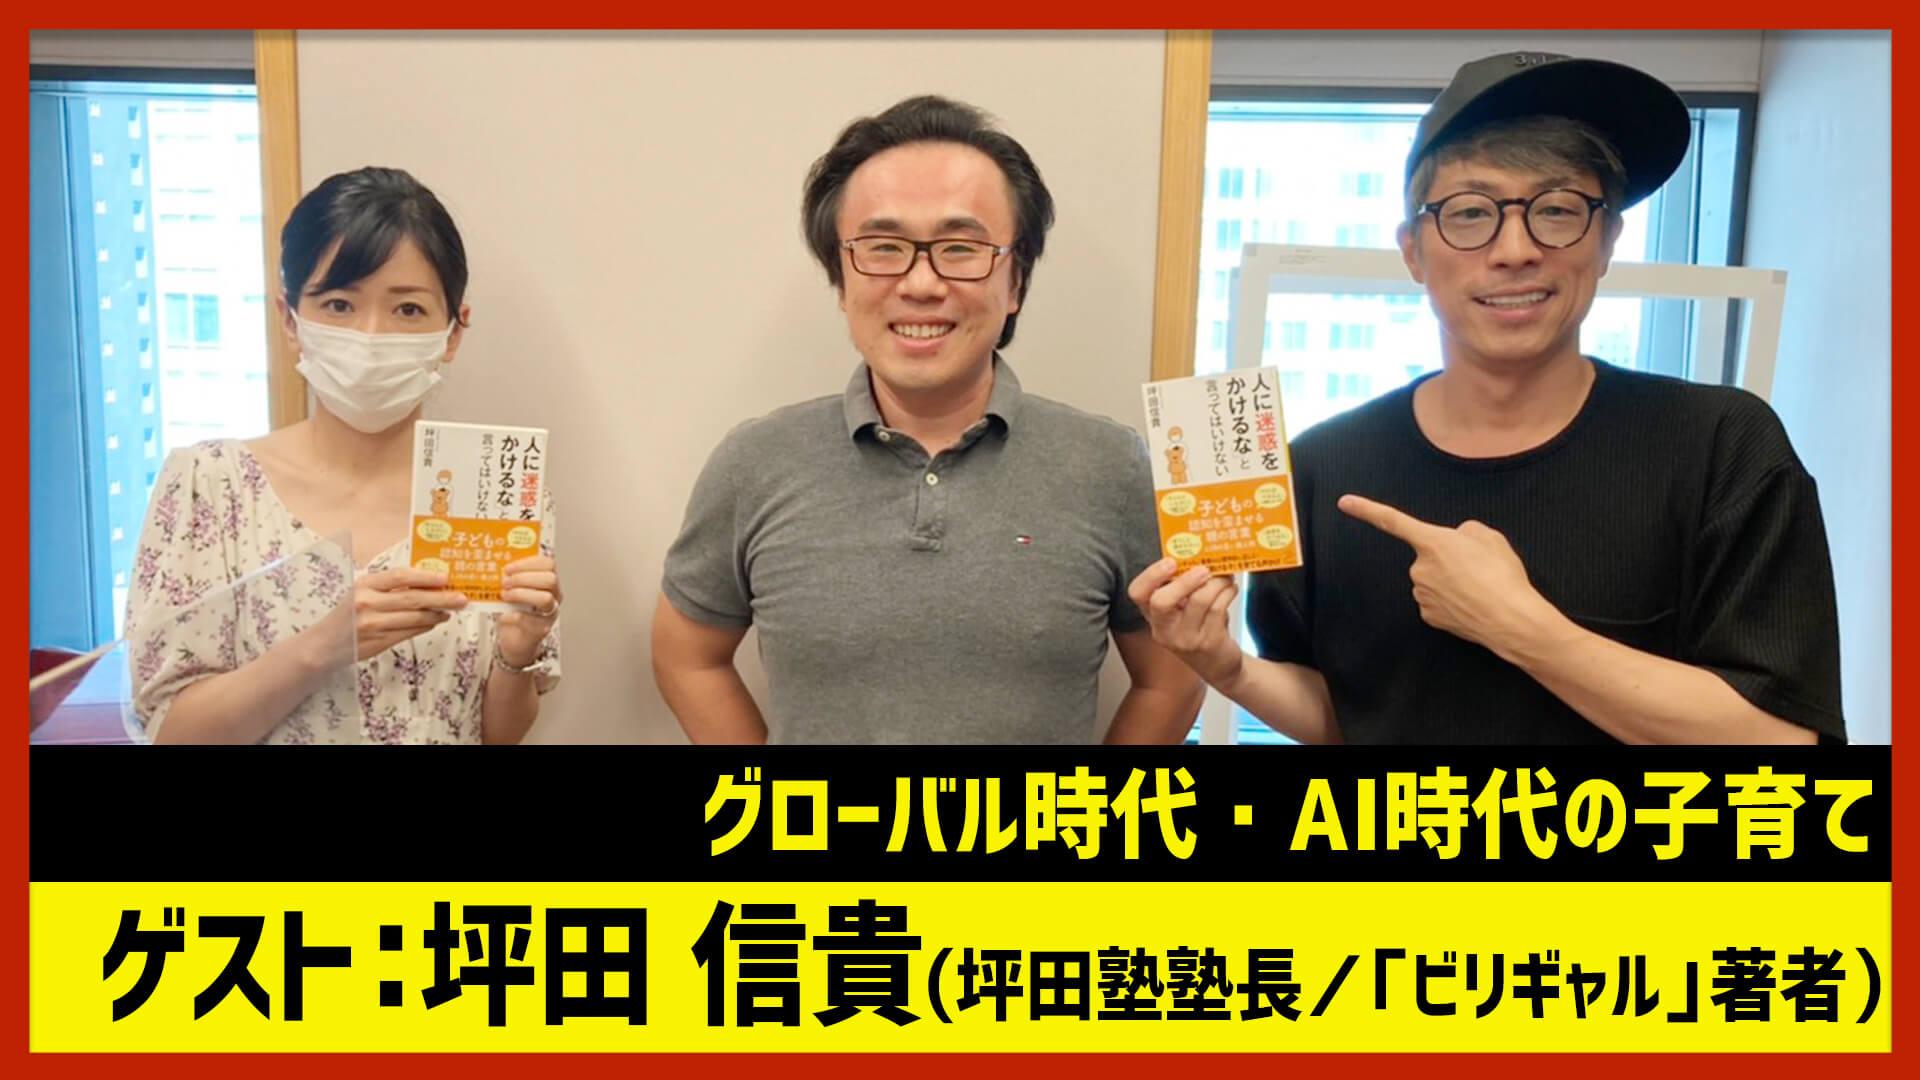 【田村淳のNewsCLUB】ゲスト: 坪田信貴さん(2021年7月31日後半)